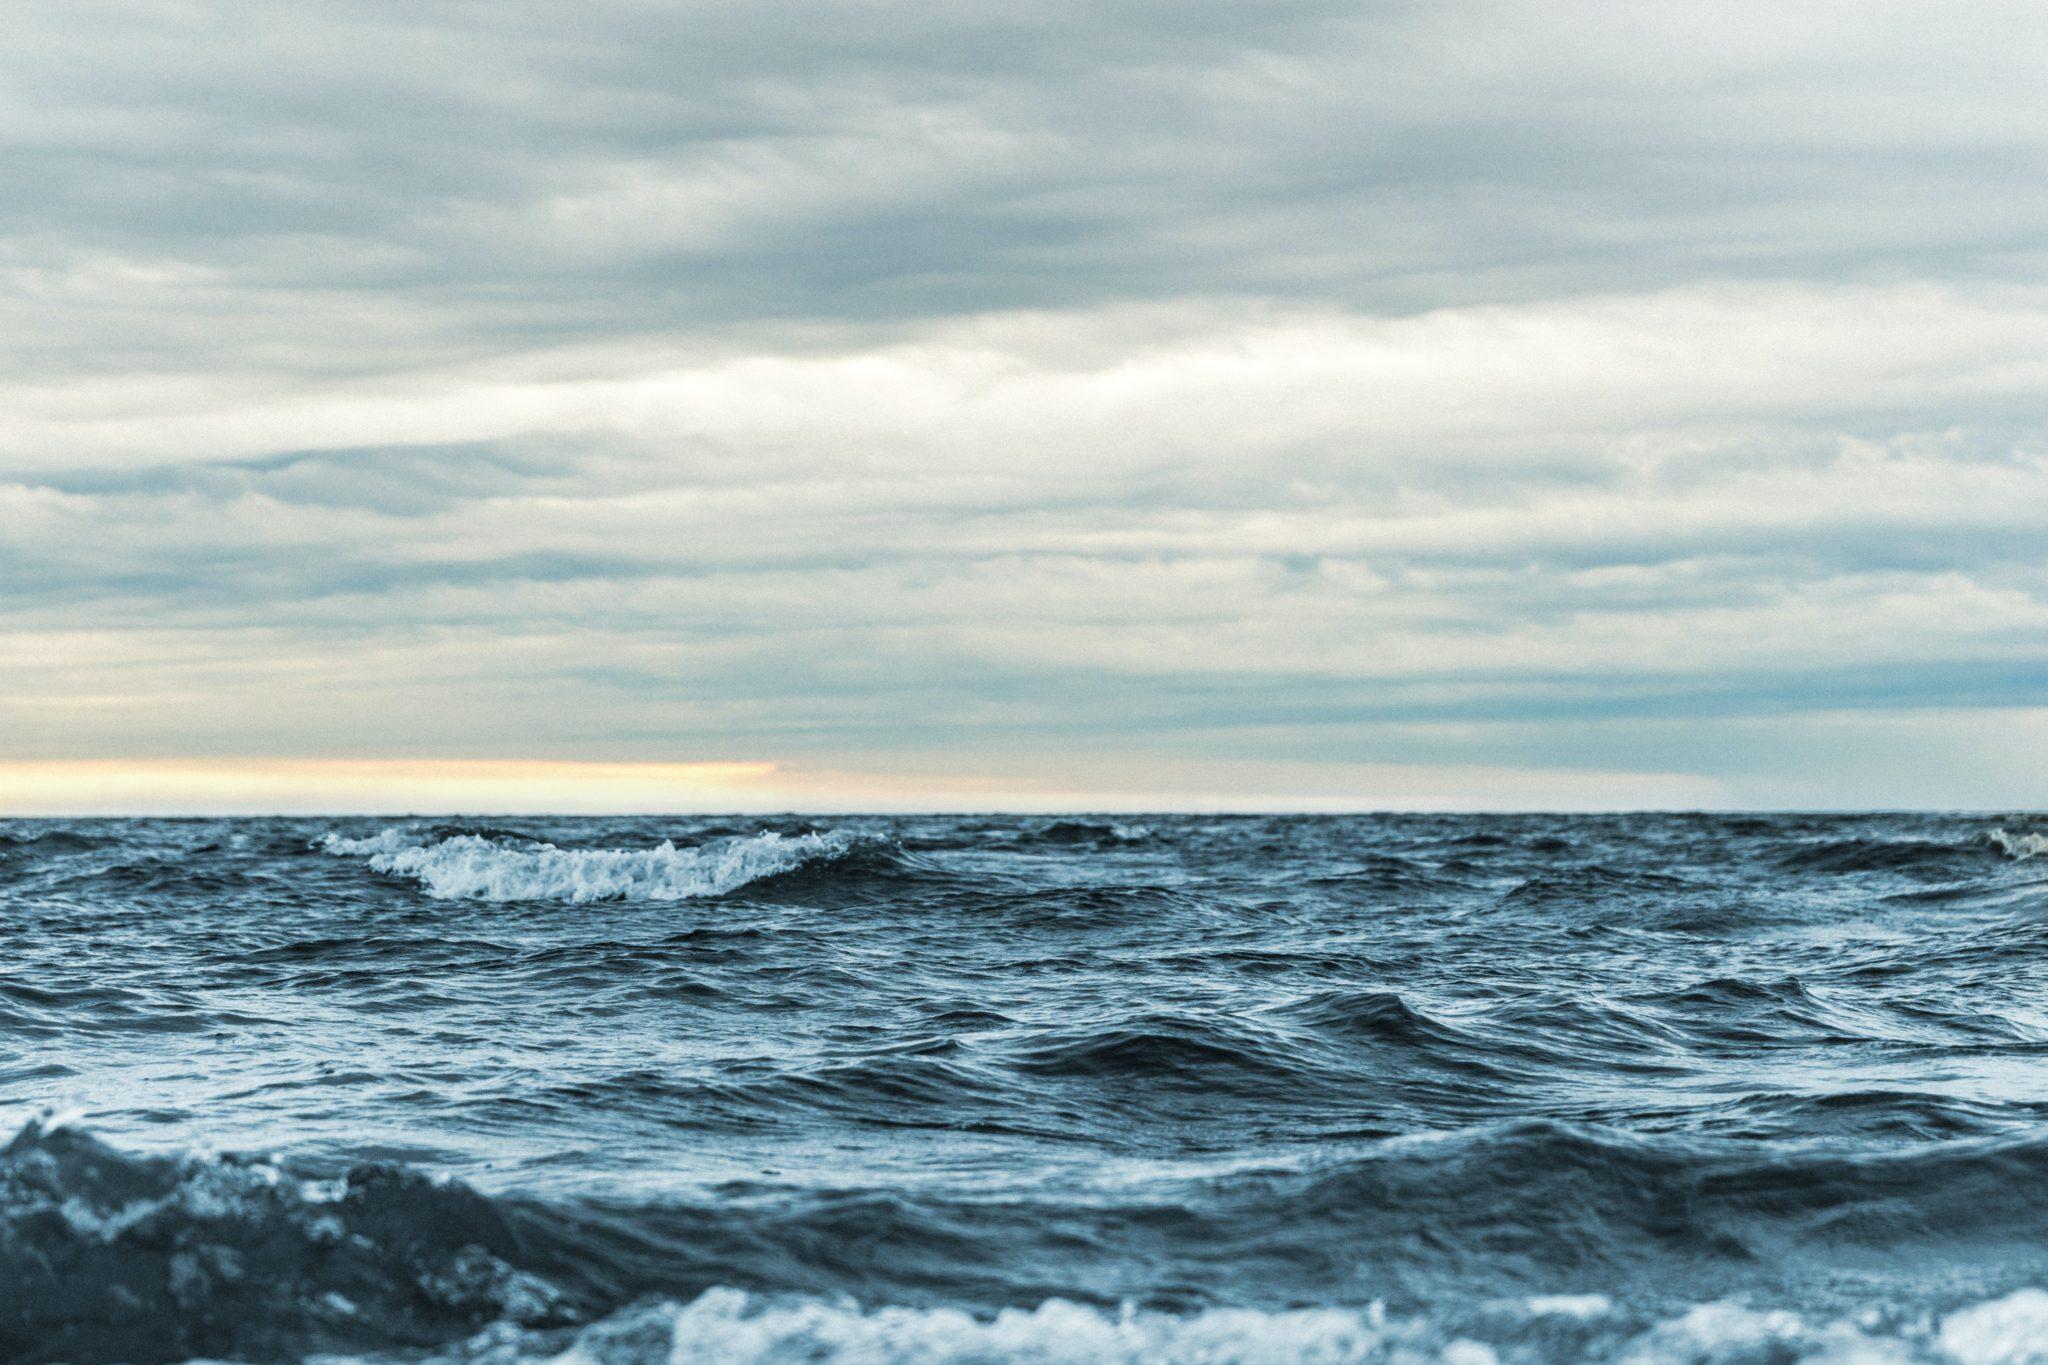 Ein dunkles Meer mit vielen kleinen Wellen, der Horizont ist bewölkt